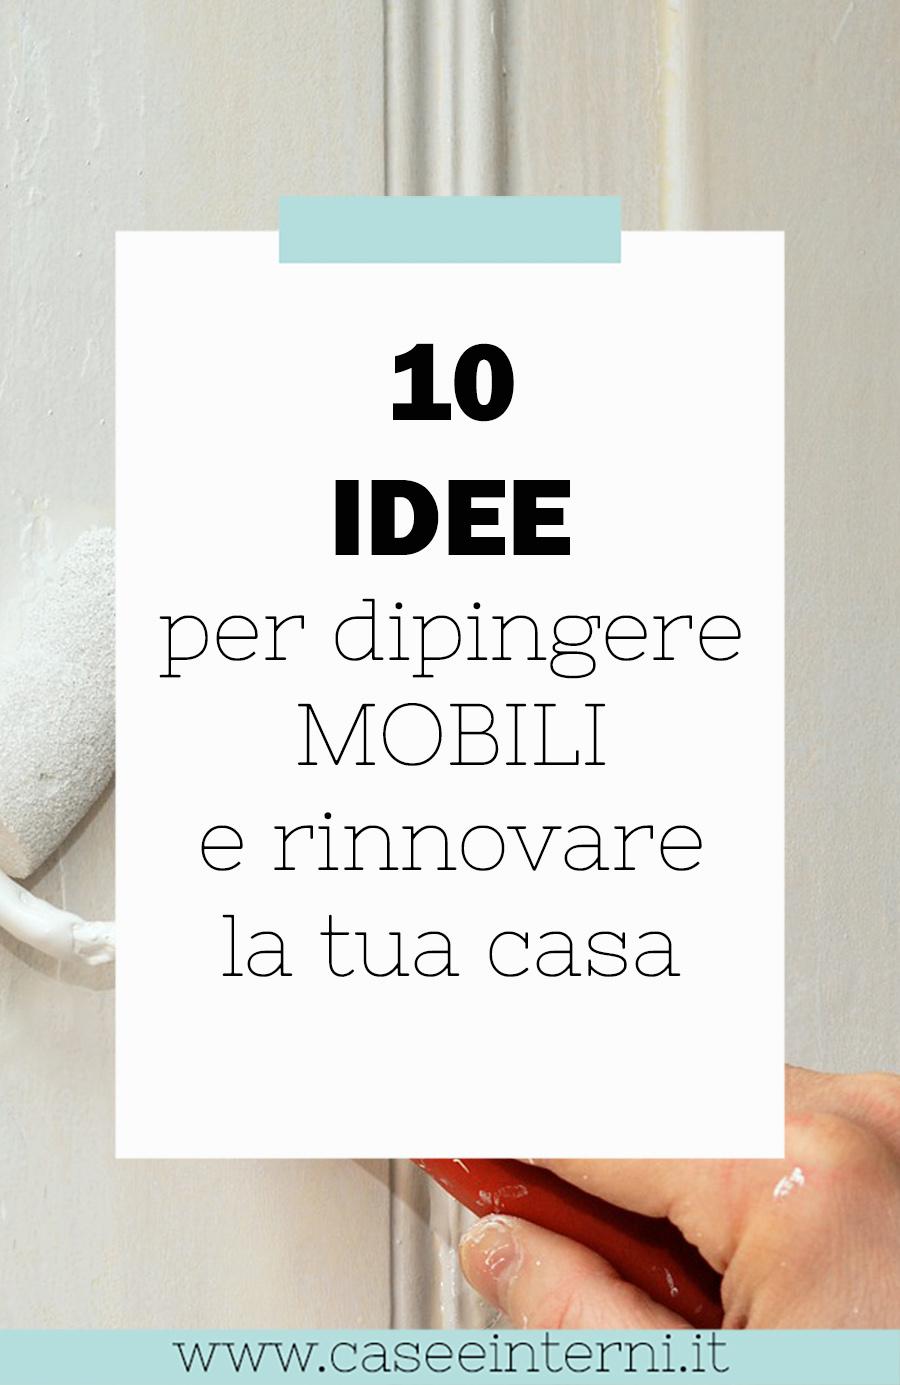 10 idee per Dipingere mobili e rinnovare la tua casa